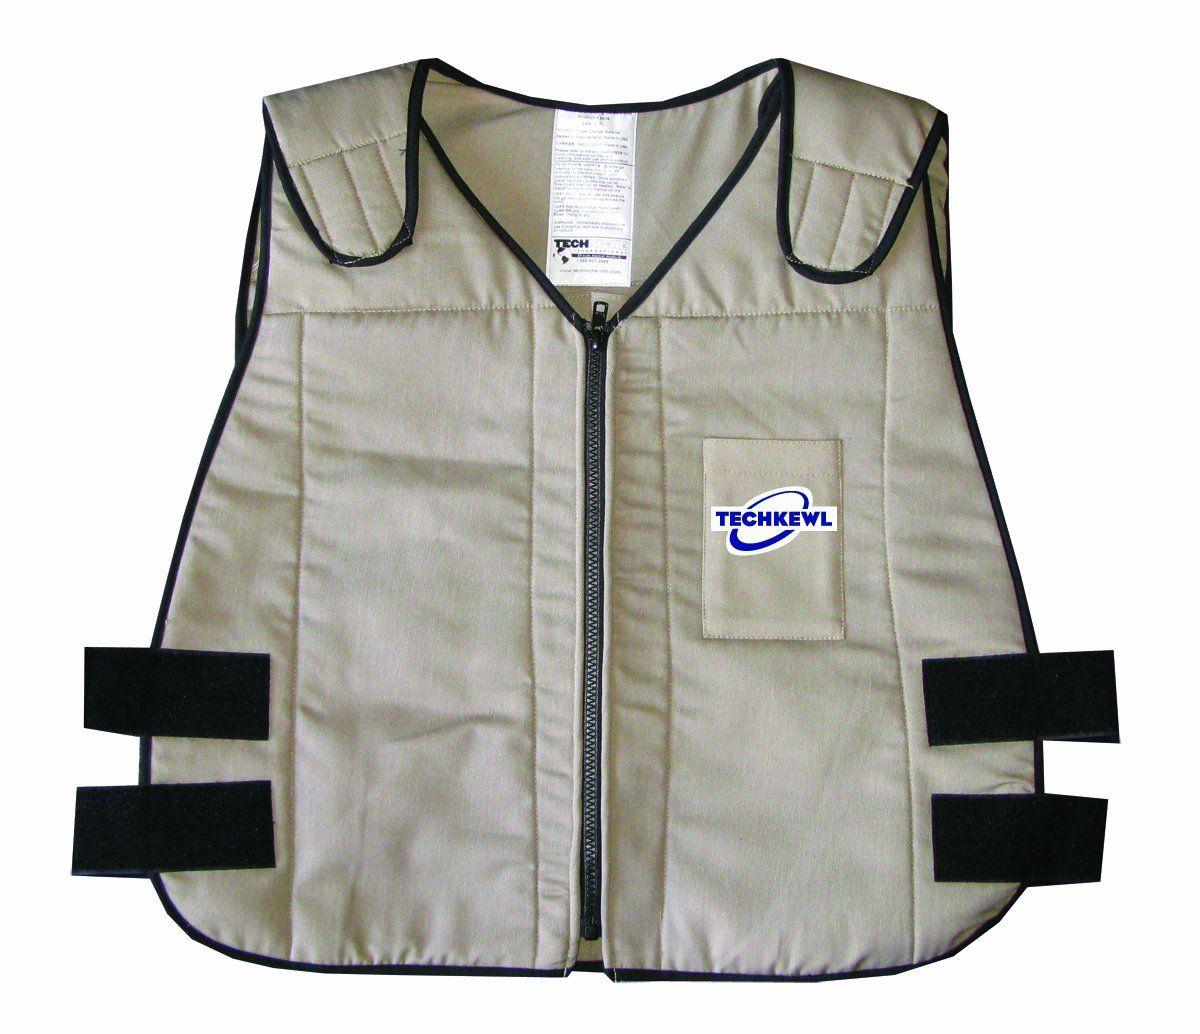 Techkewl 6626 Kh M L Phase Change Cooling Vest With Images Cooling Vest Vest Mens Outfits